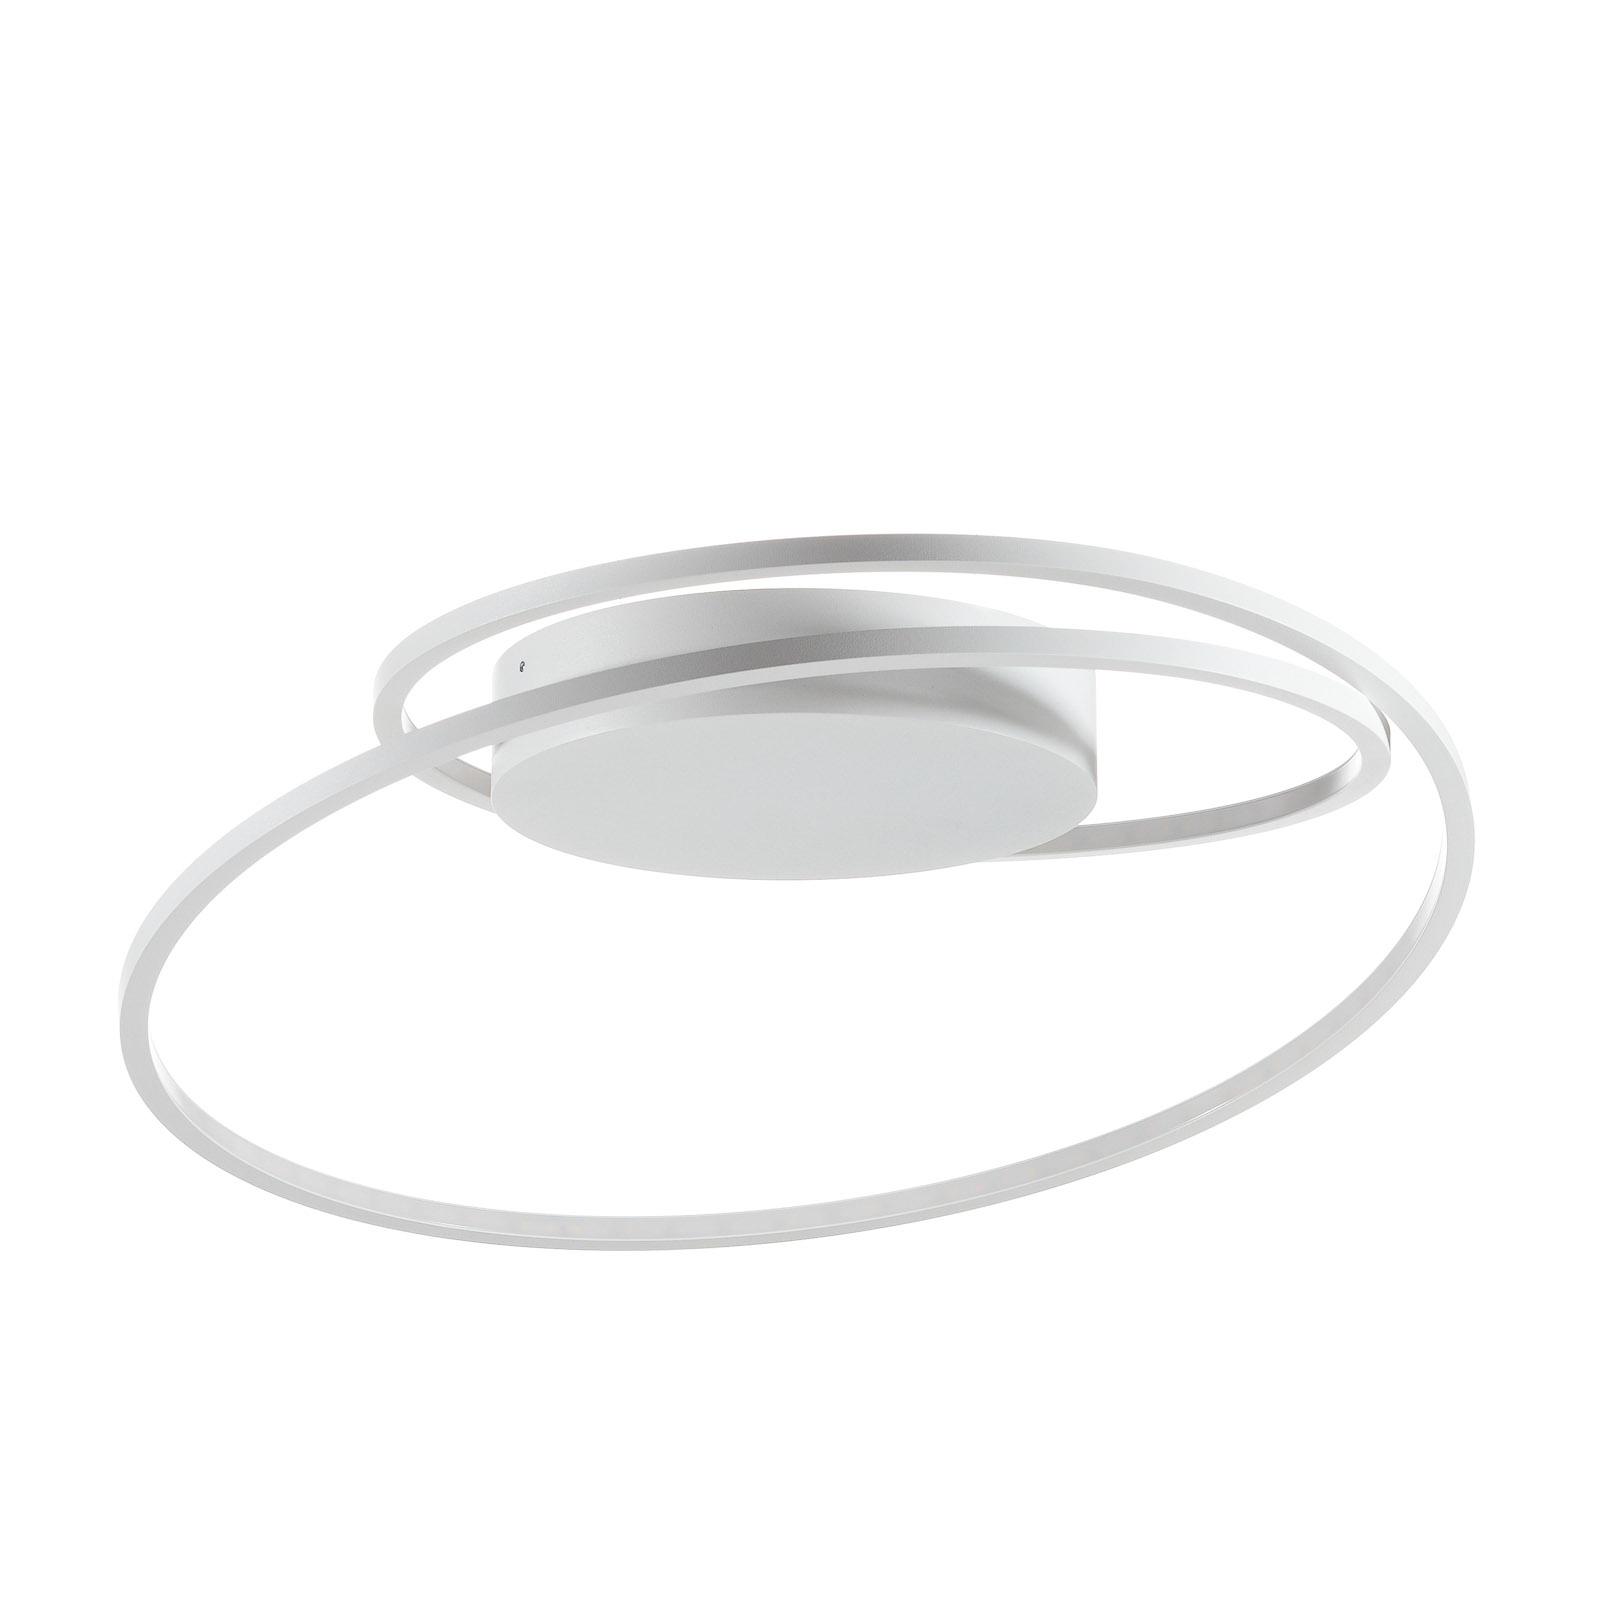 At - en enestående LED-loftslampe i hvid